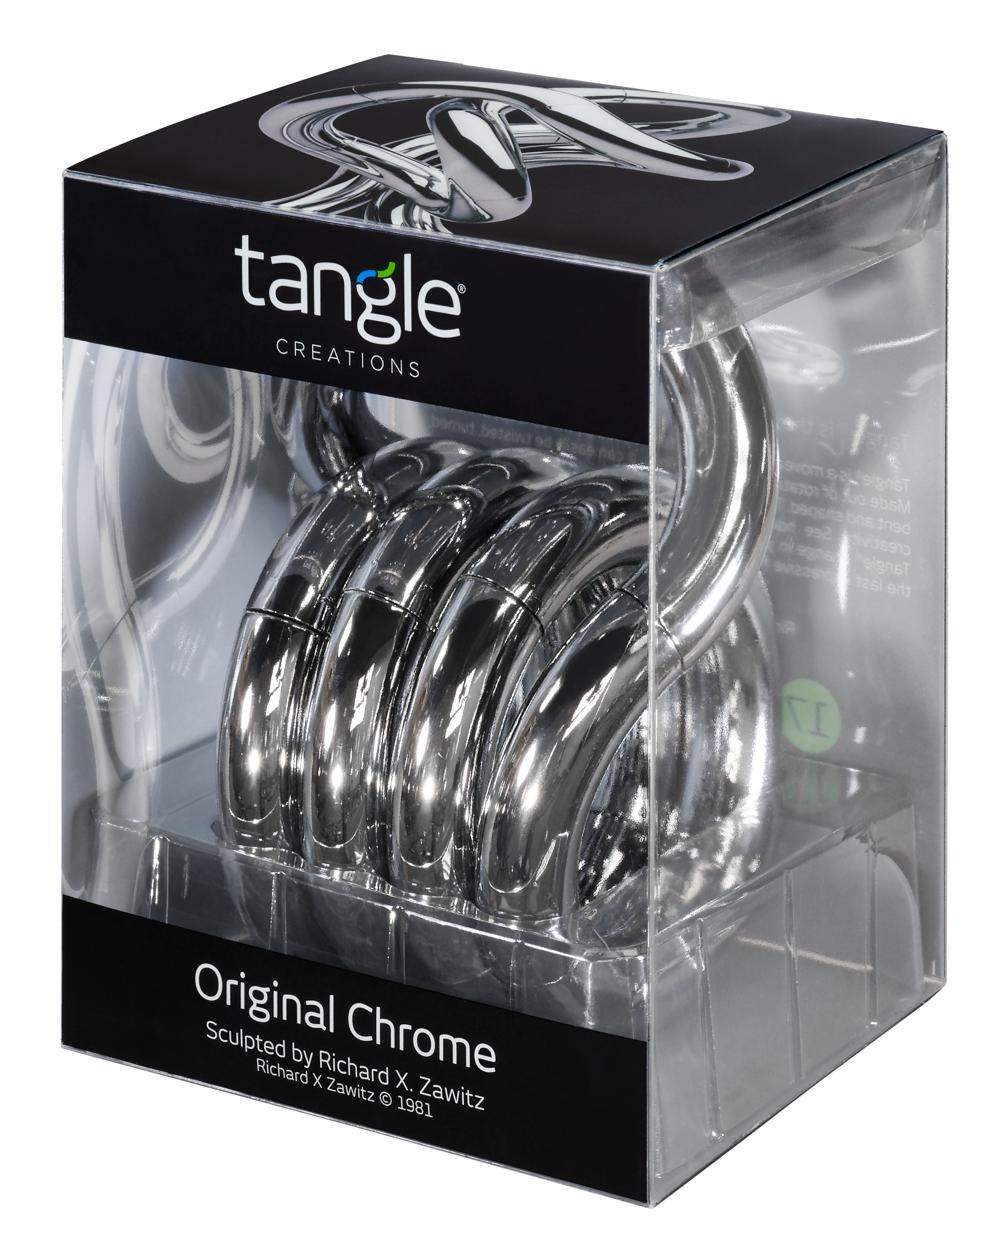 Tangle Original Chrome